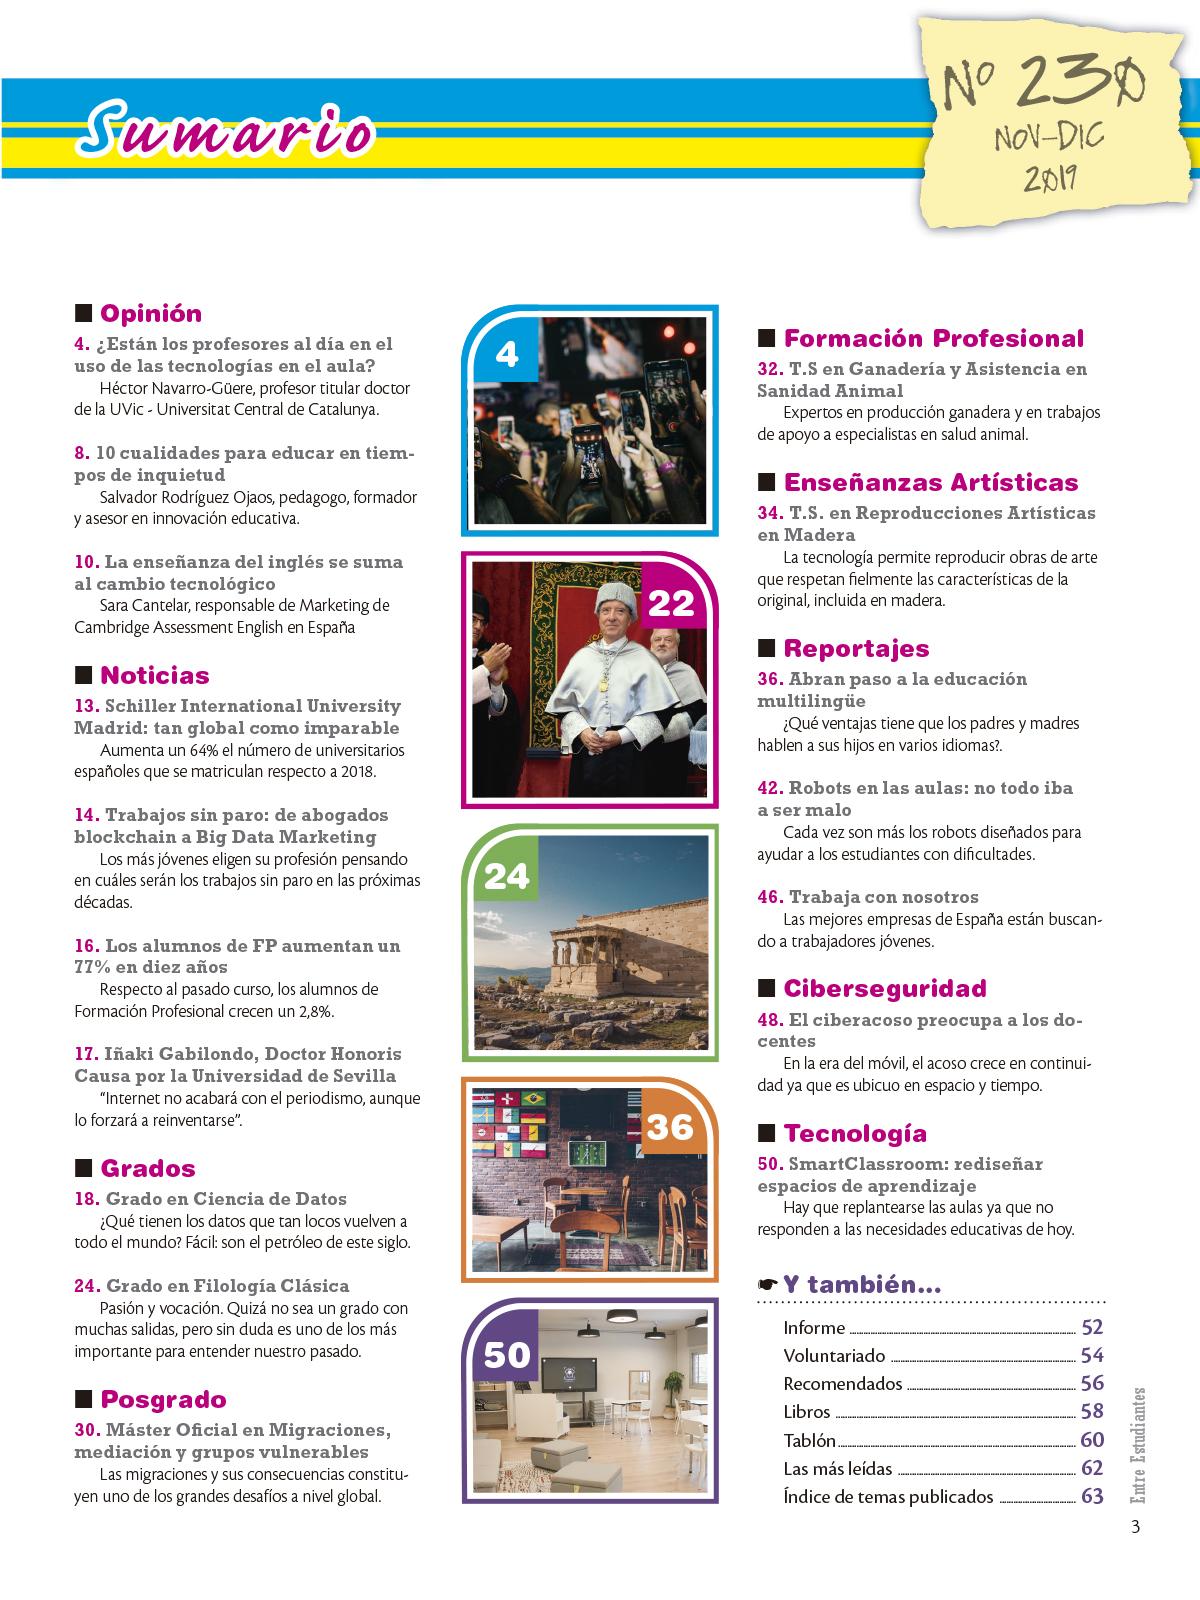 Revista Entre Estudiantes Nº 230